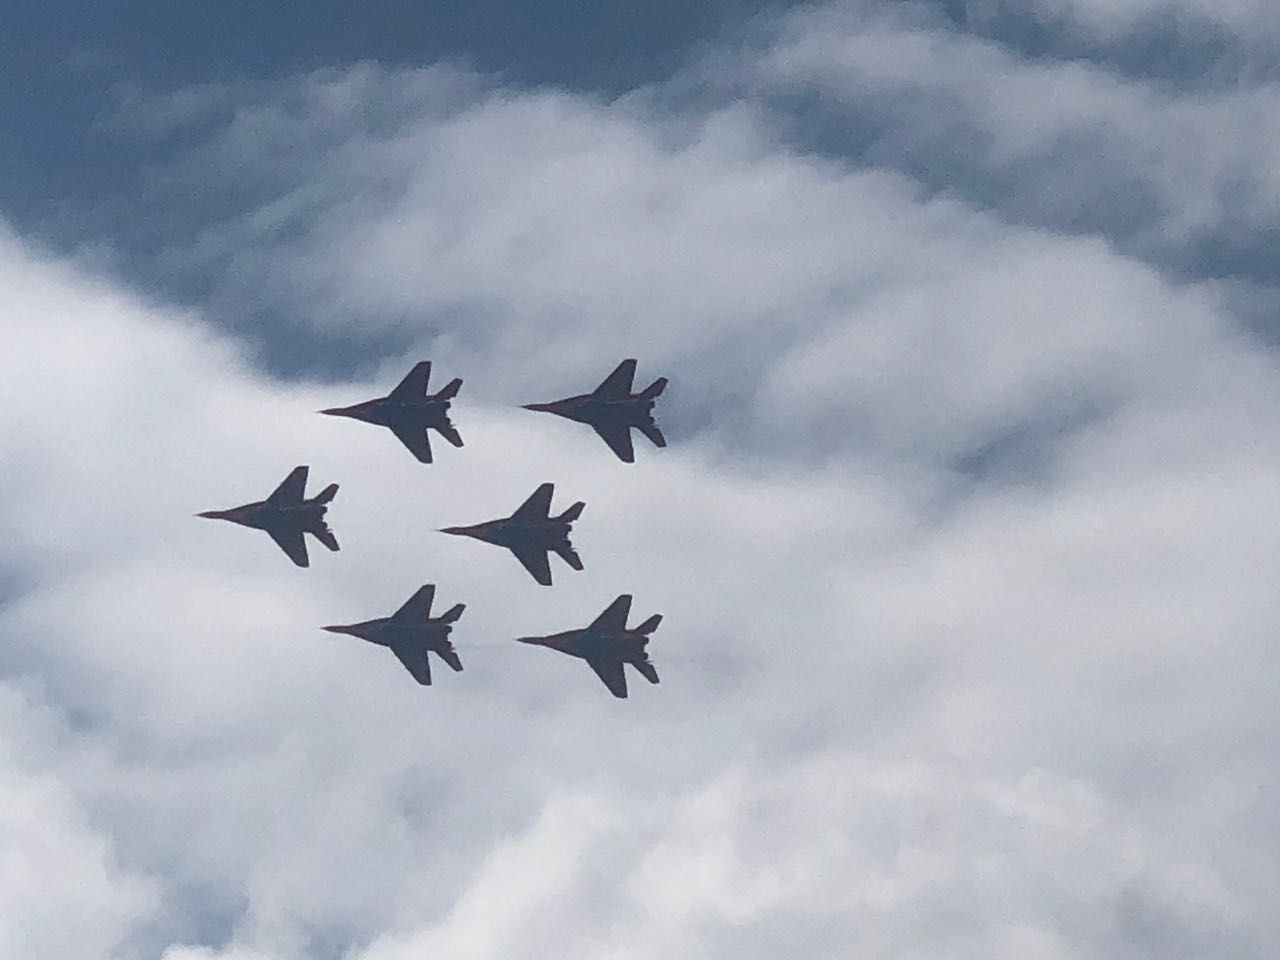 Грандиозное авиашоу в небе над Железноводском показали летчики лучшей пилотажной группы России